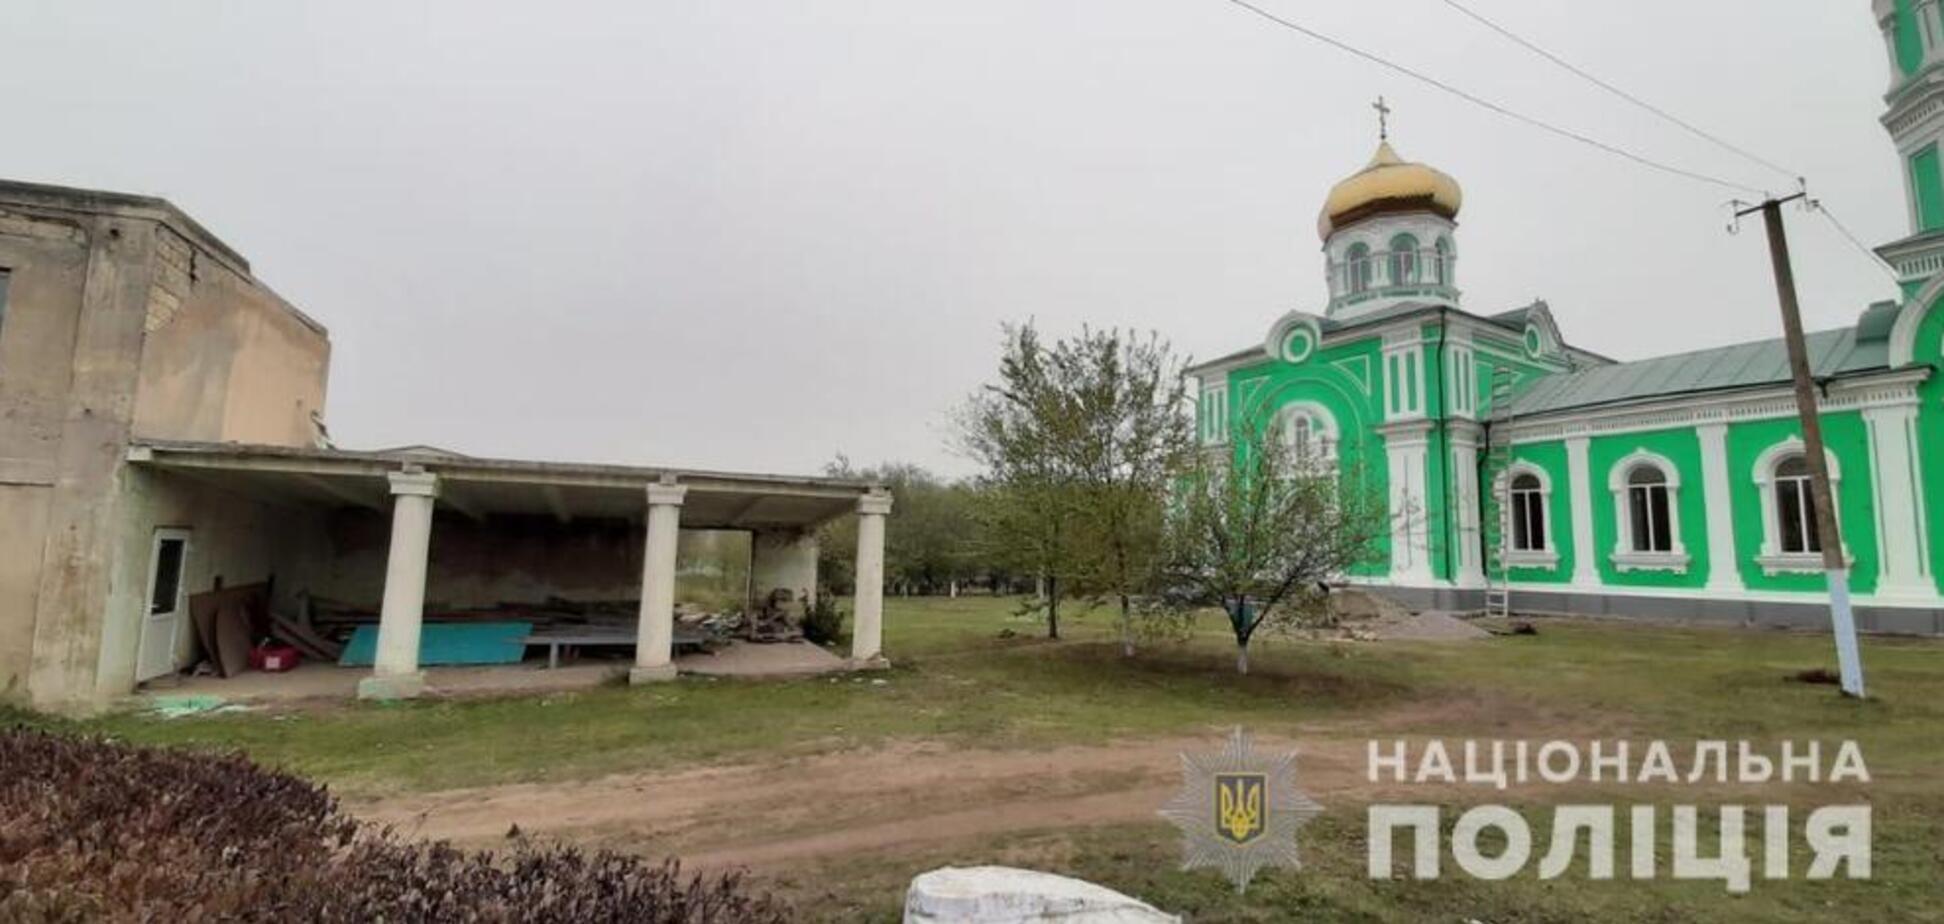 Ничего святого: в Одесской области из церкви украли холодильник